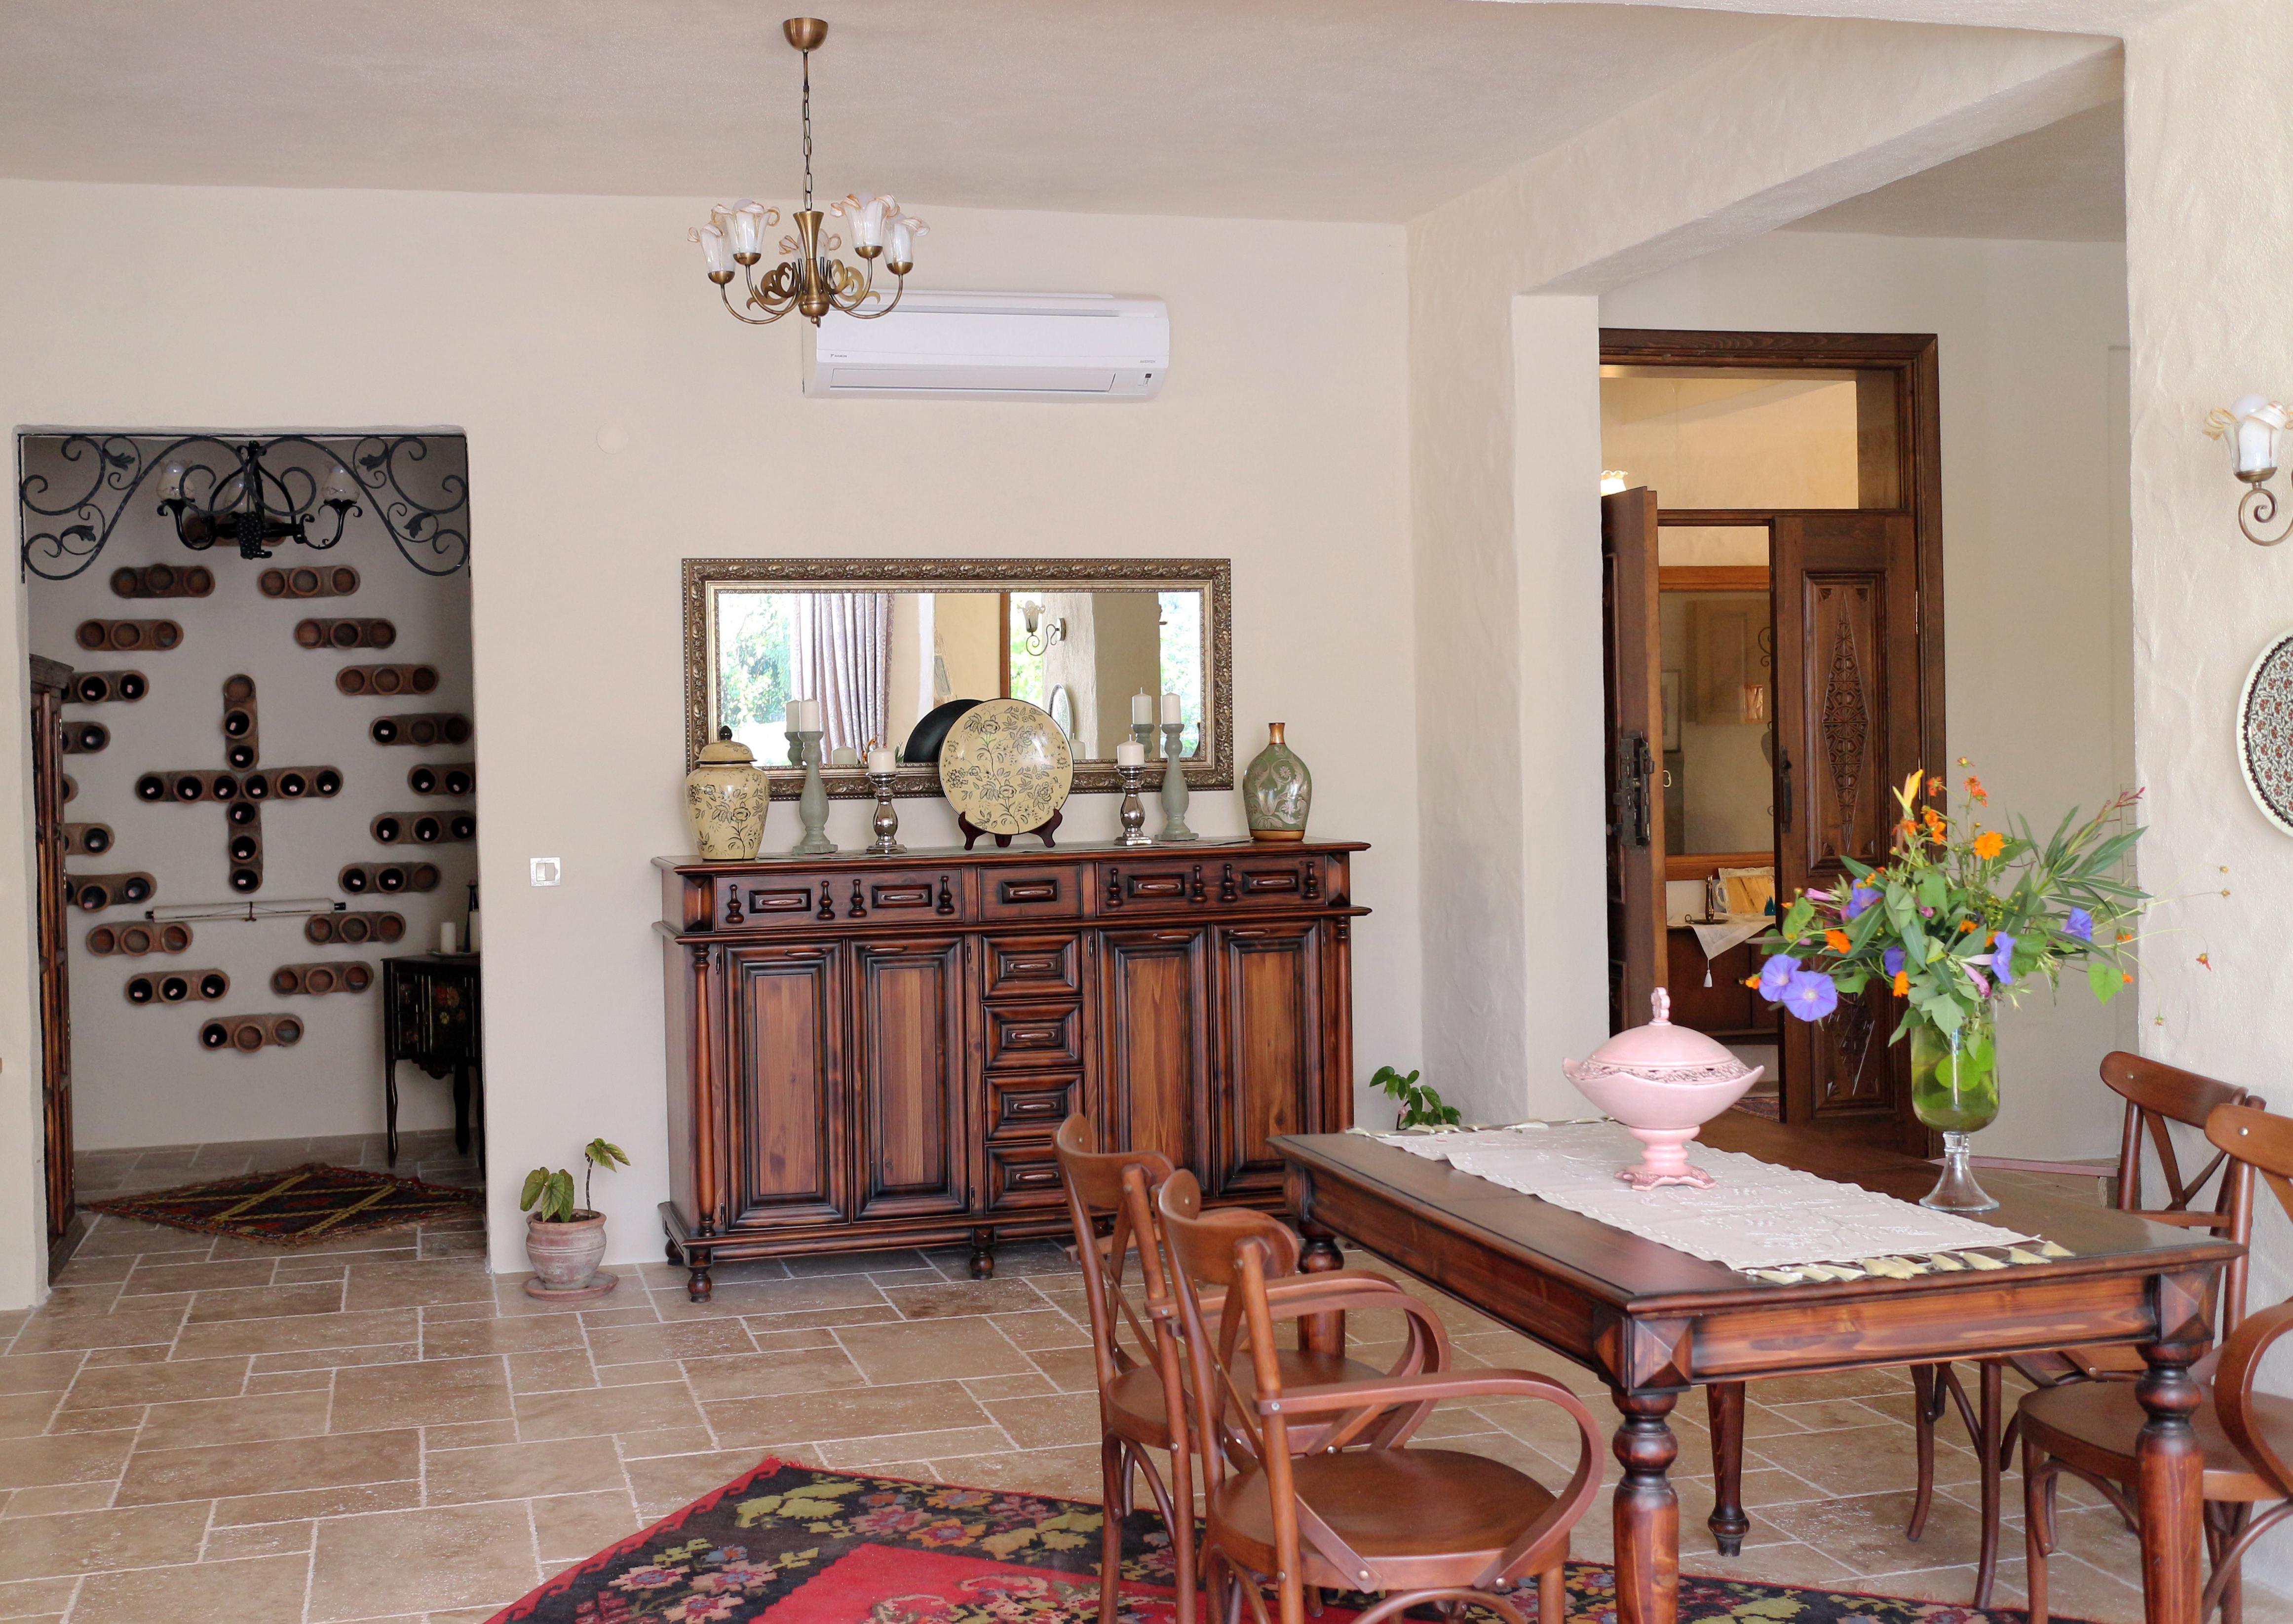 Appartement de vacances Luxuriöse Unterkunft und persönliches Ambiente in unzerstörter Natur. (2636883), Fethiye, , Région Egéenne, Turquie, image 5